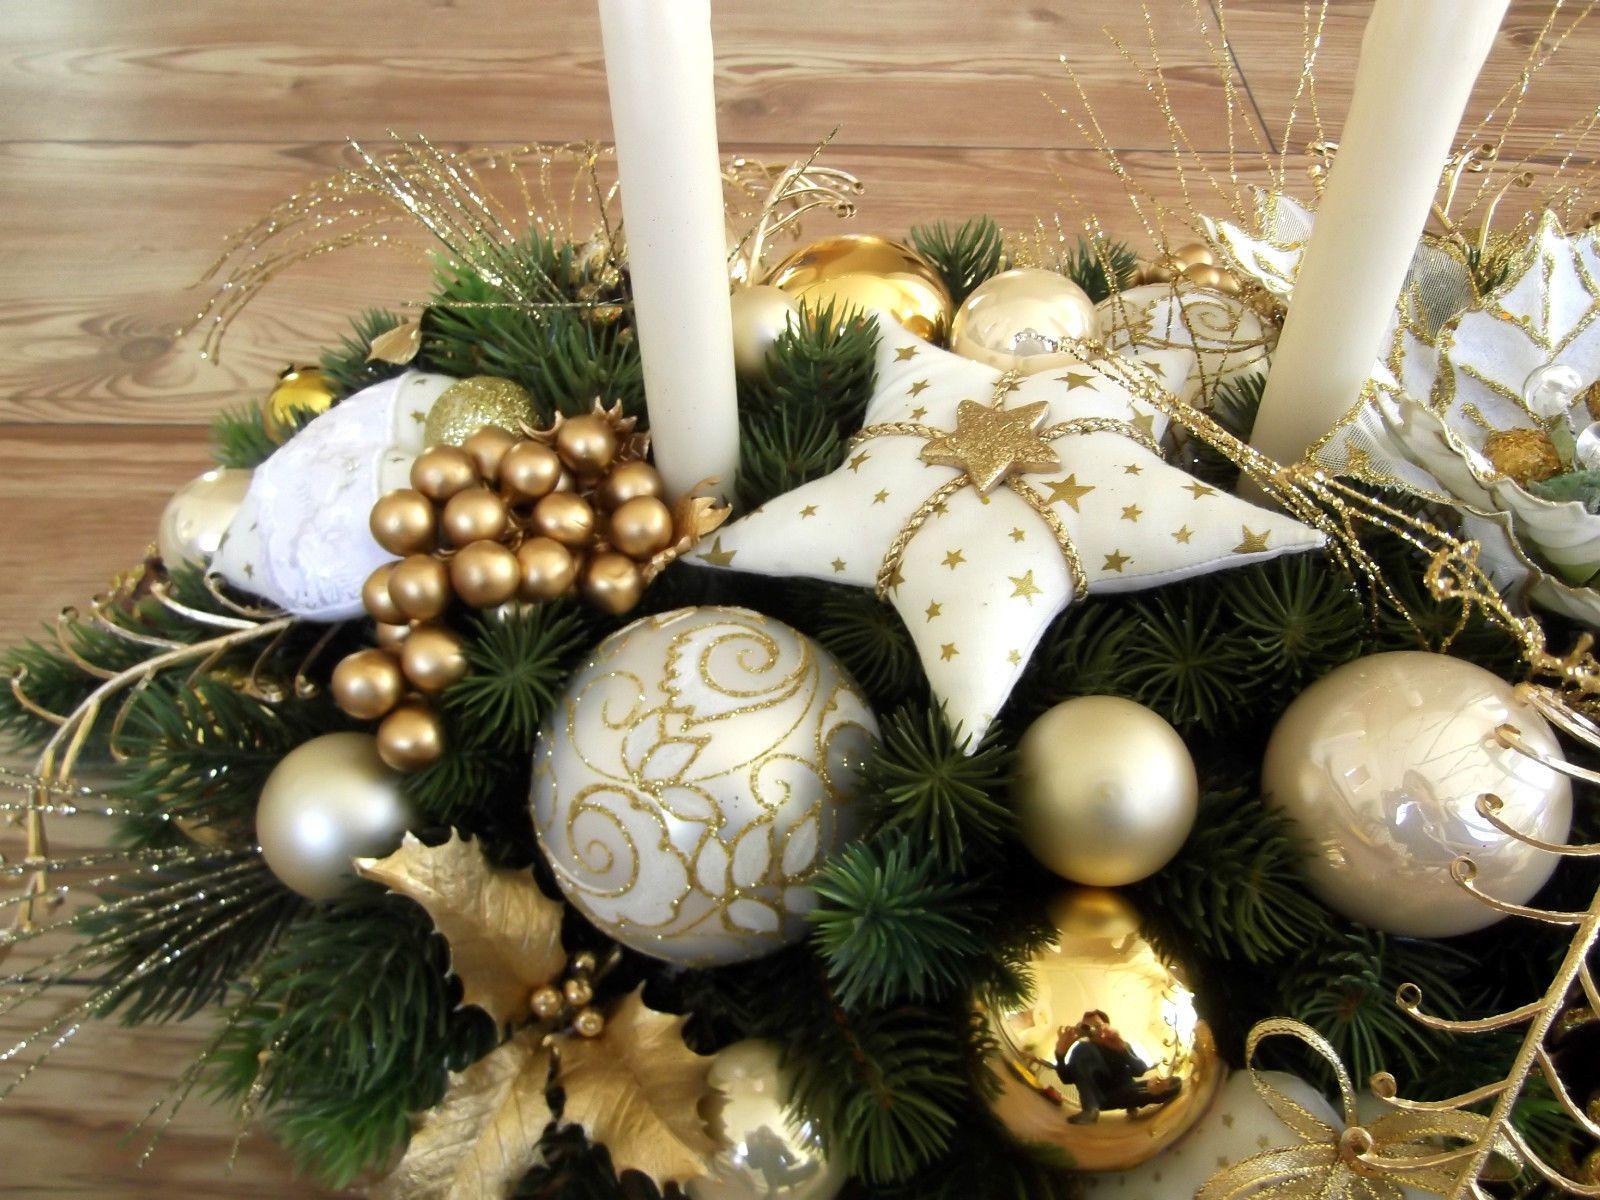 d0b37e9afd44def6fade827dc0d57610 Wunderschöne Weihnachtsdekoration Aussen Selber Machen Dekorationen